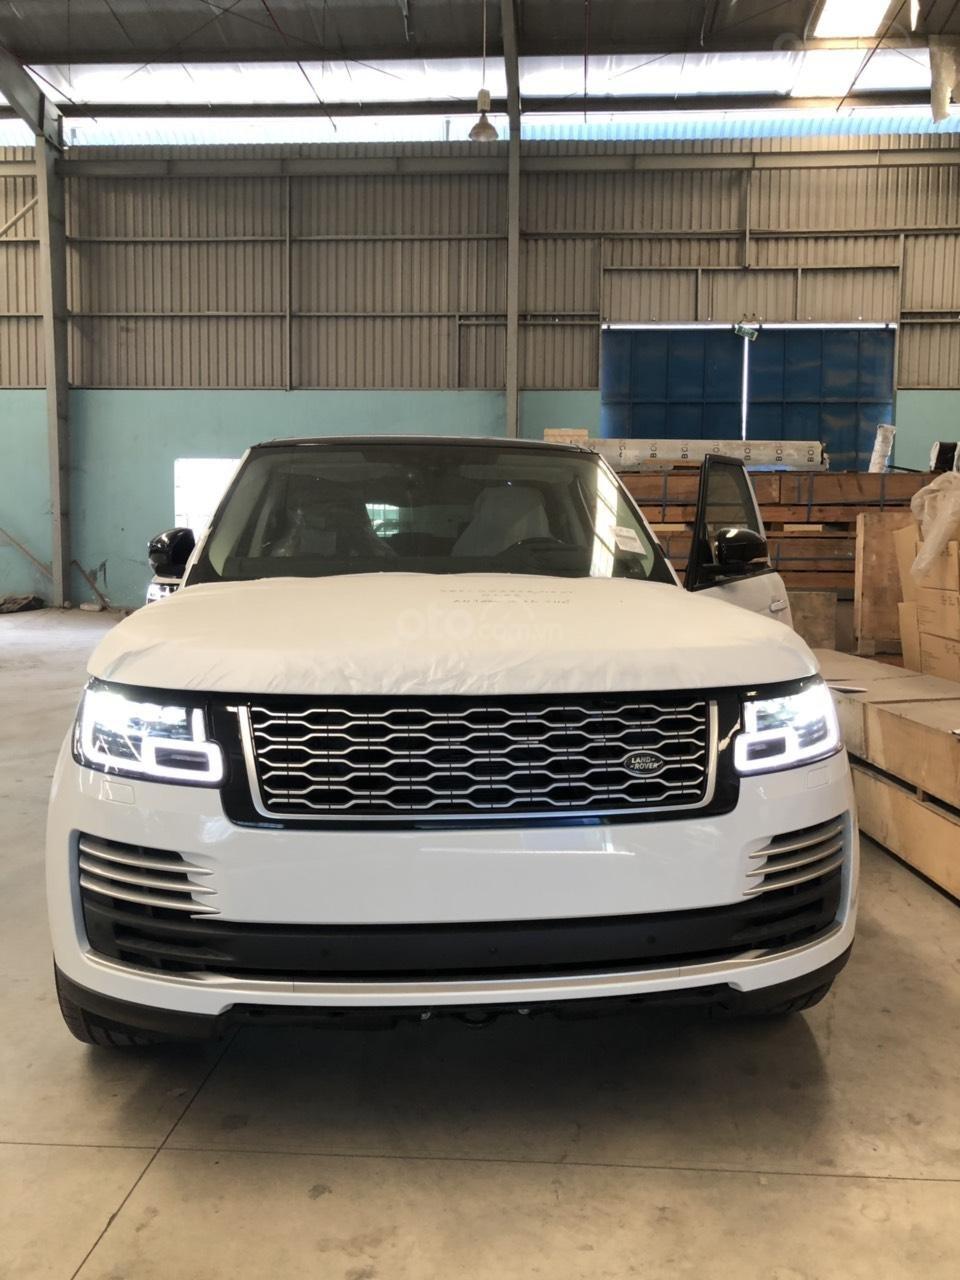 093 22222 53 bán LandRover Range Rover Autobiography Long 2019, màu trắng, đen, xanh, xám - giao xe - toàn quốc (2)